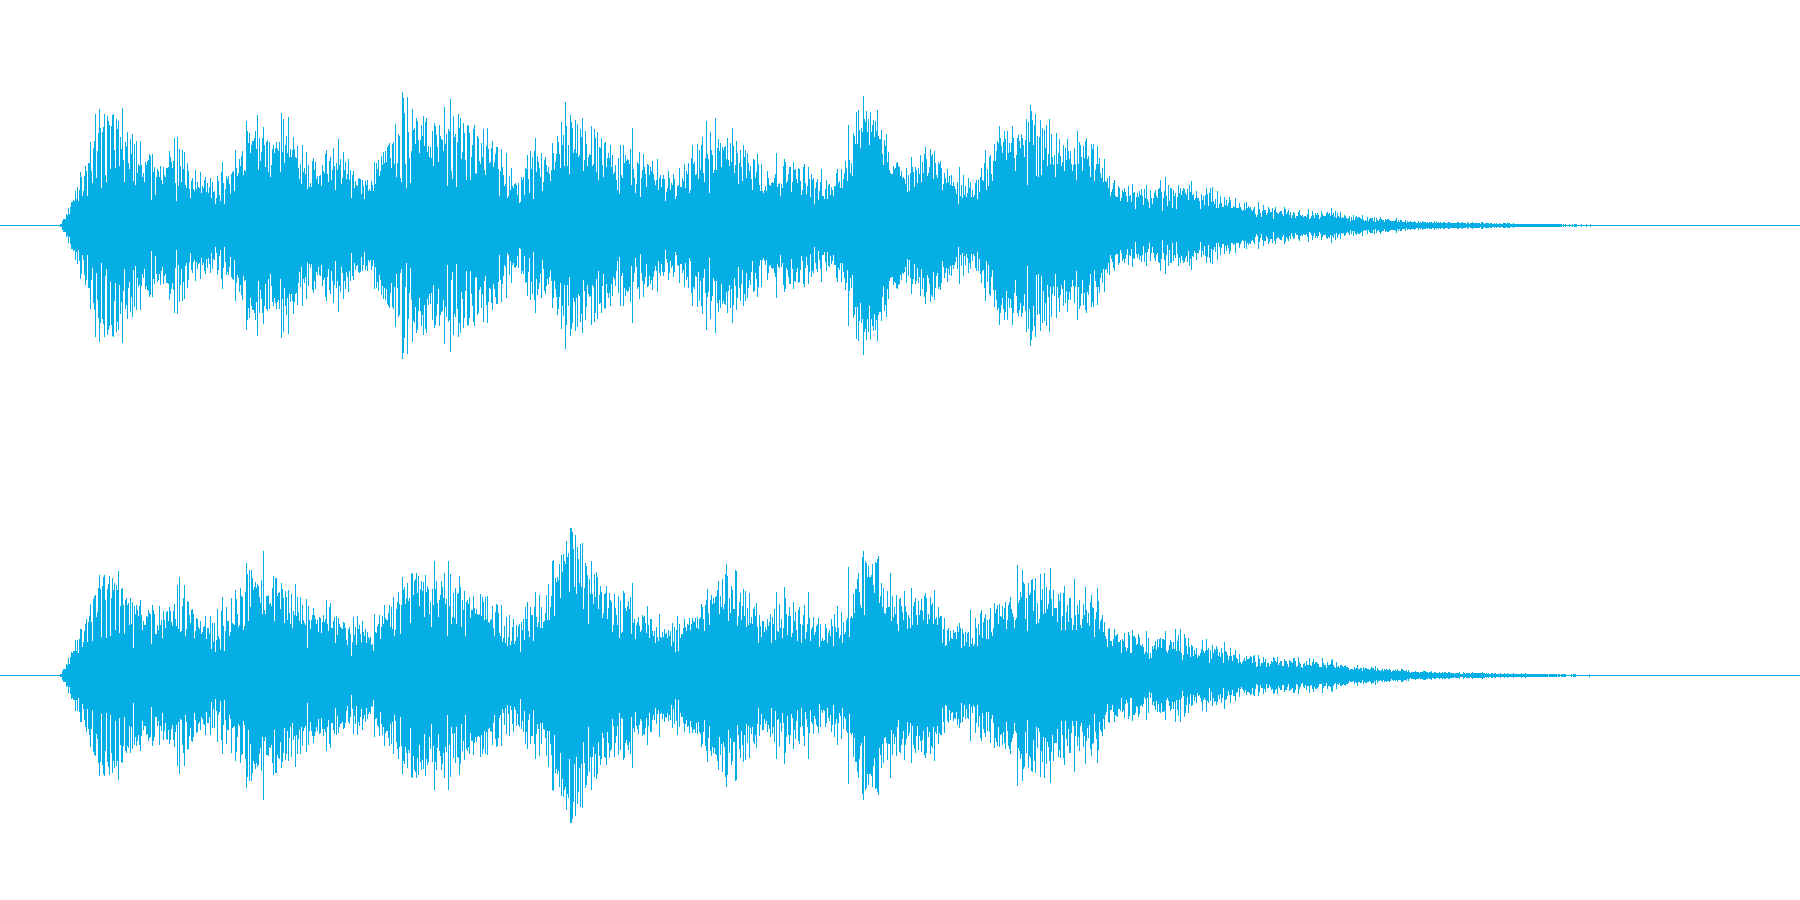 電子音 パラノイア 恐怖の再生済みの波形